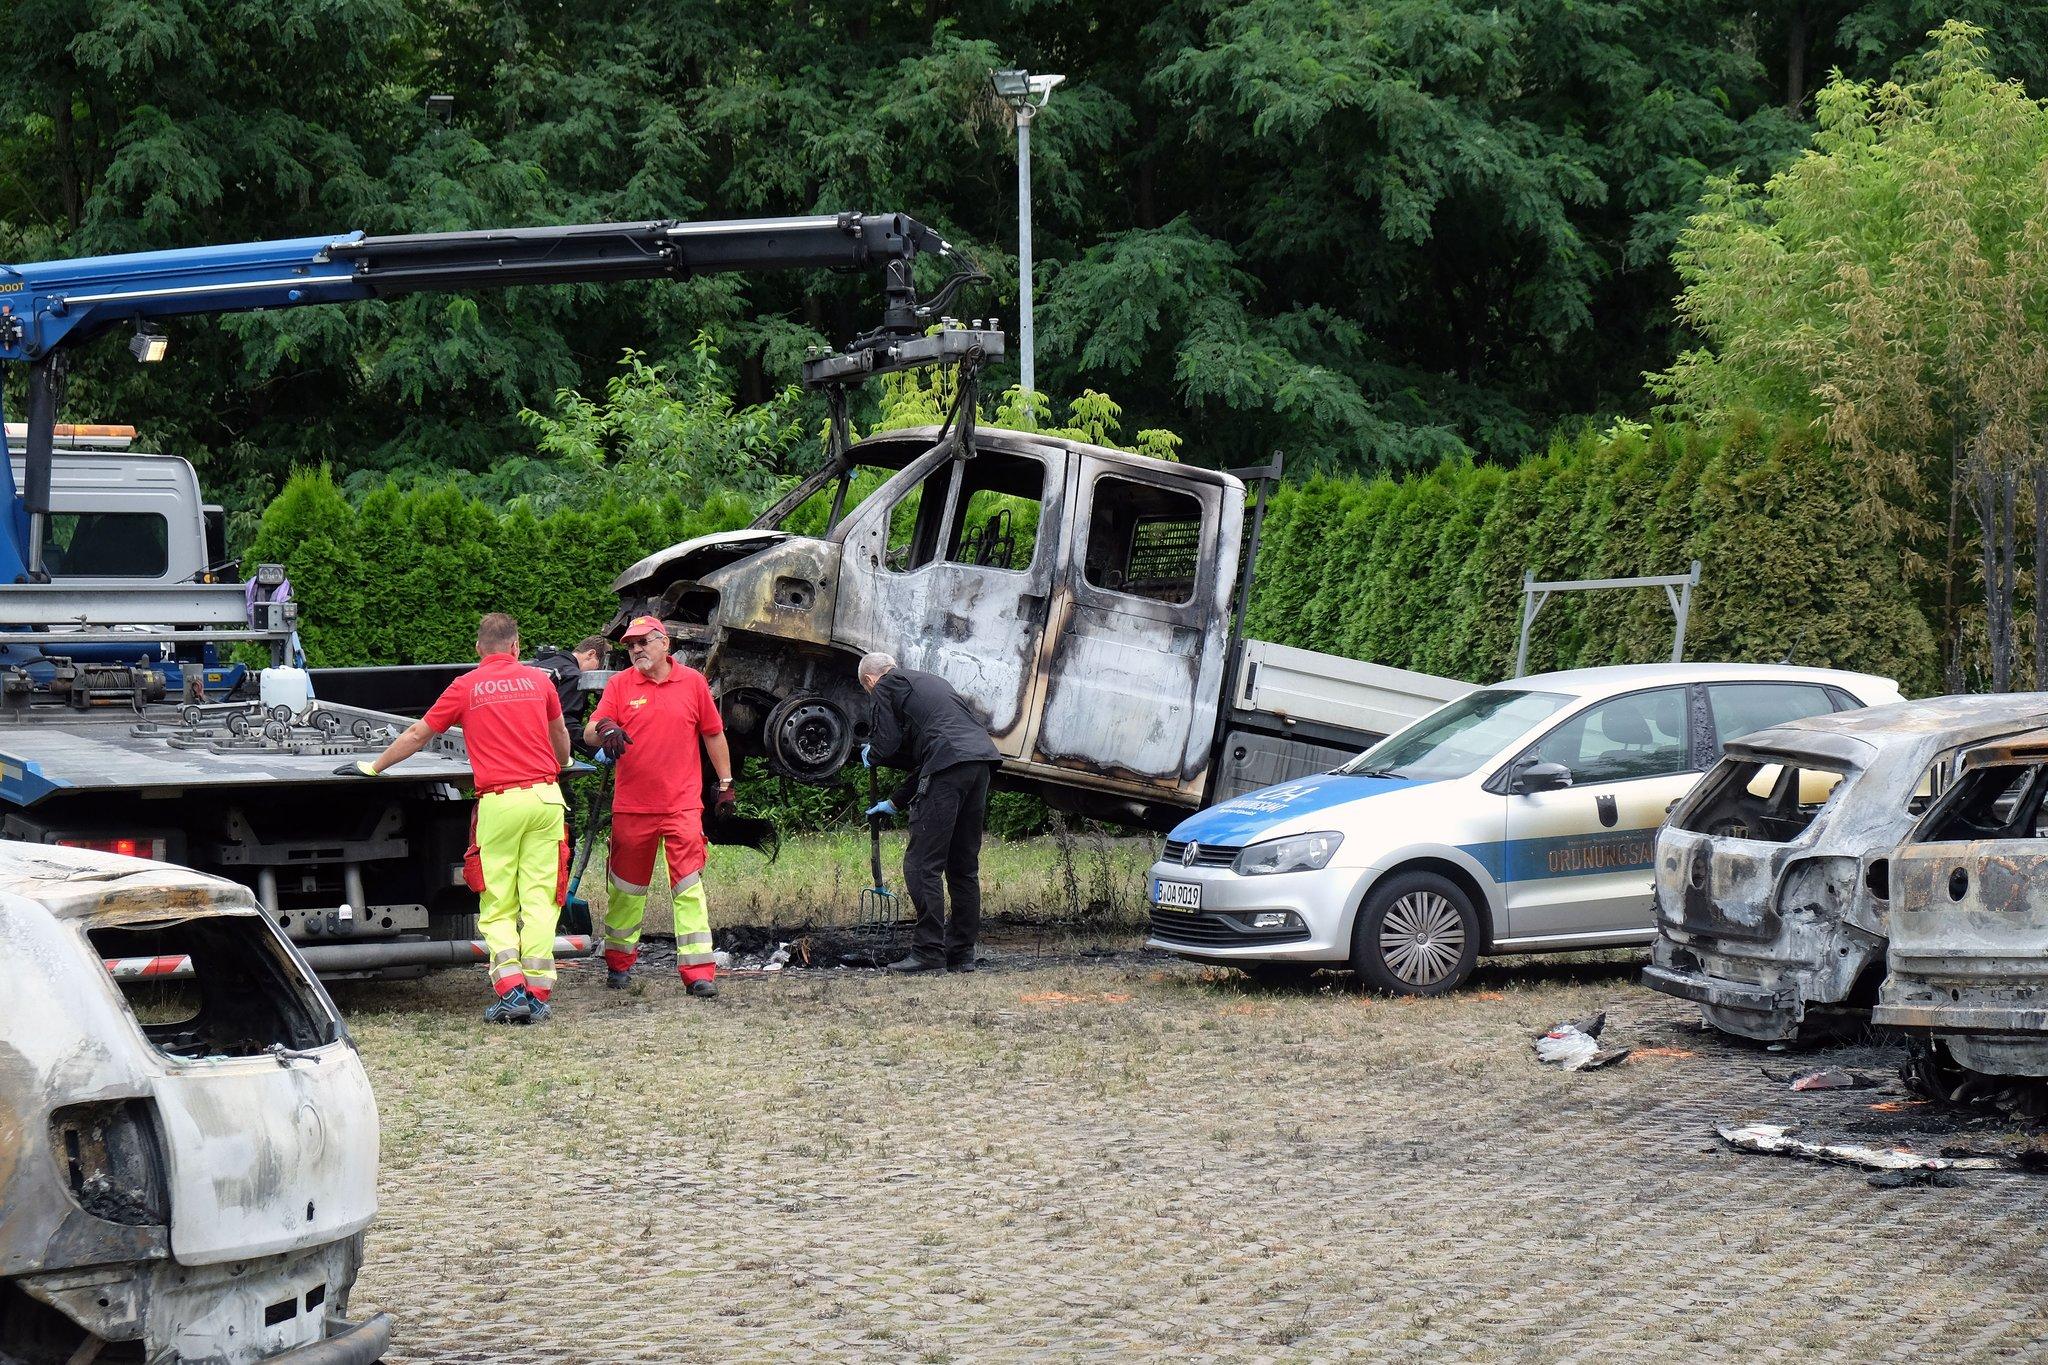 einige ausgebrannte Autos, eins wird von einem Kran hochgehoben